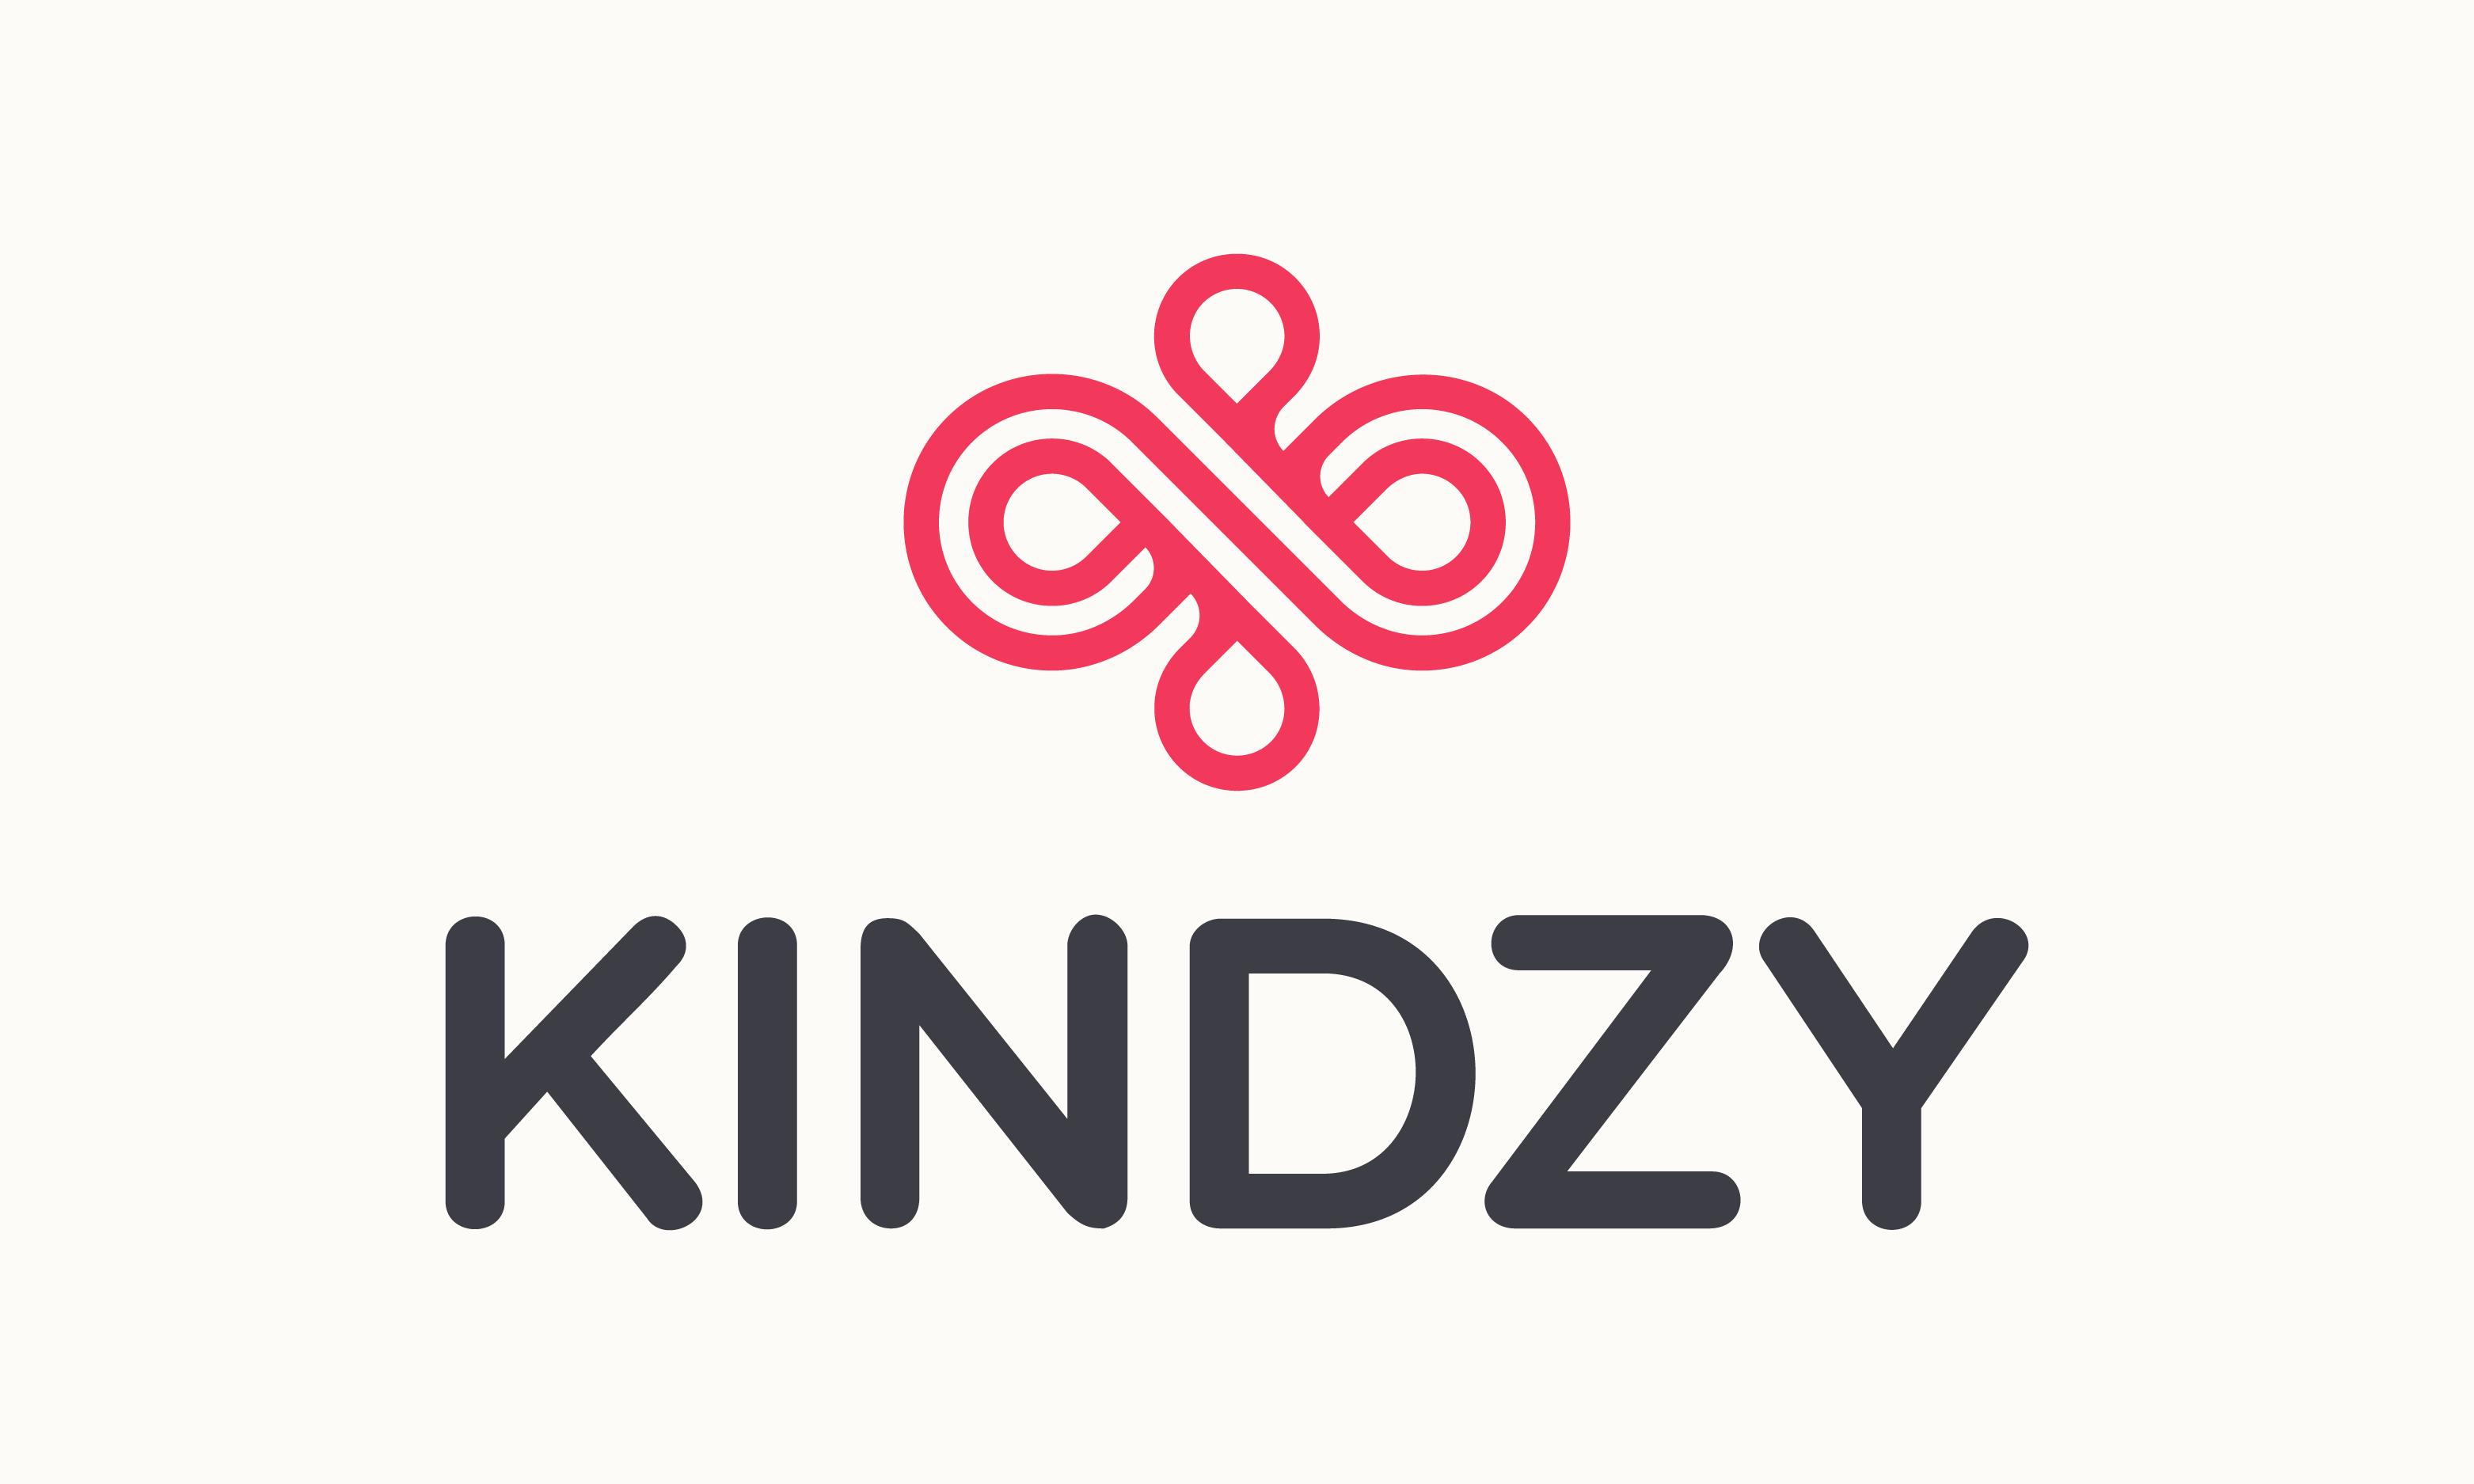 Kindzy.com